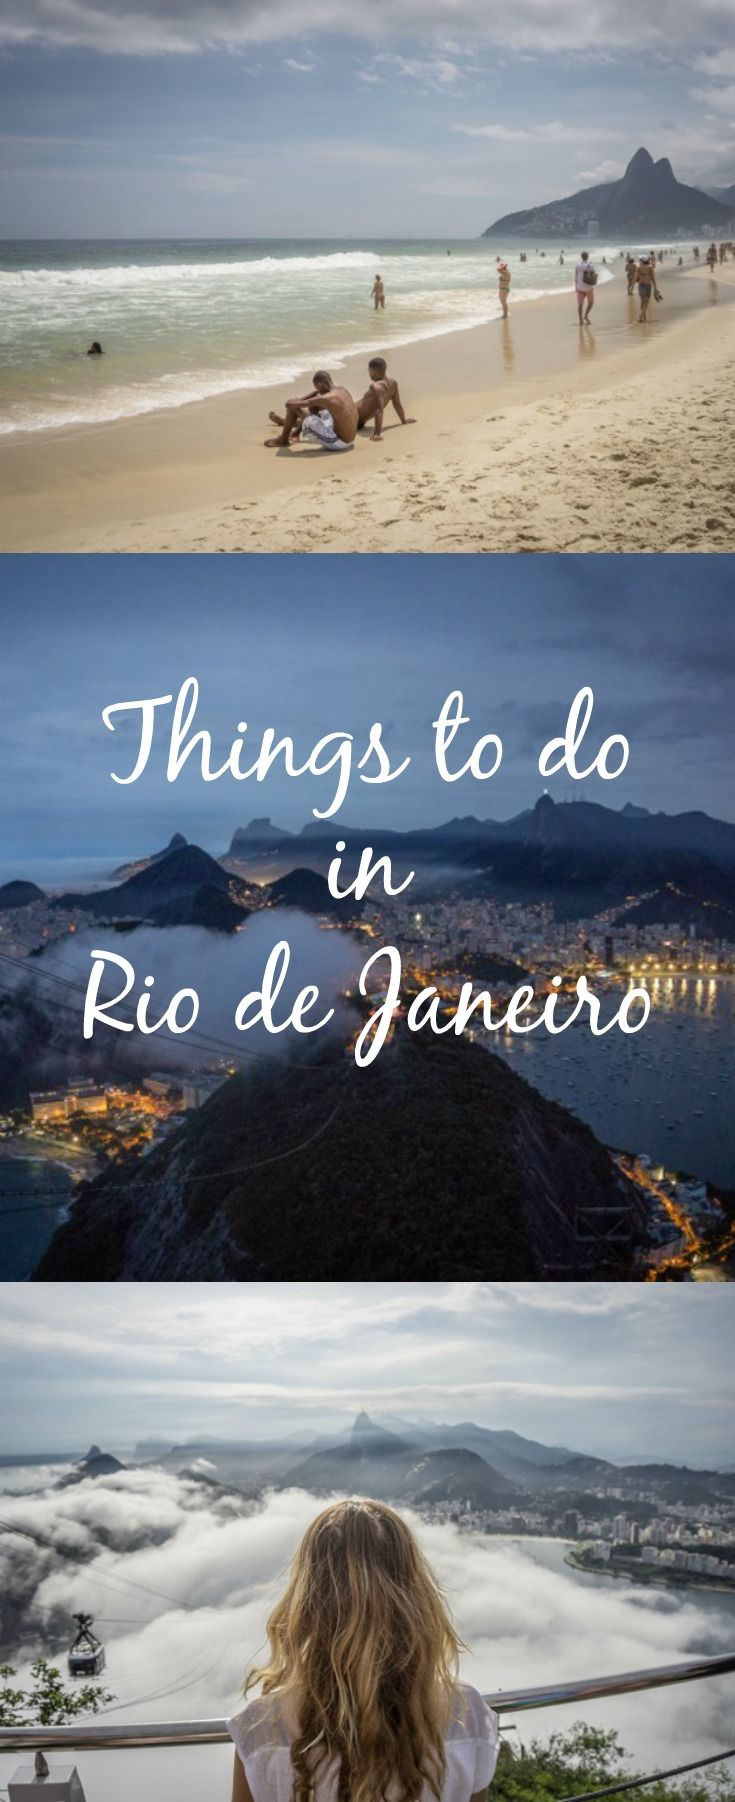 Travel Brasil   Reise Brasilien. Things to do in Rio de Janeiro. 10 Dinge, die du in Rio de Janeiro auf gar keinen Fall verpassen darfst!